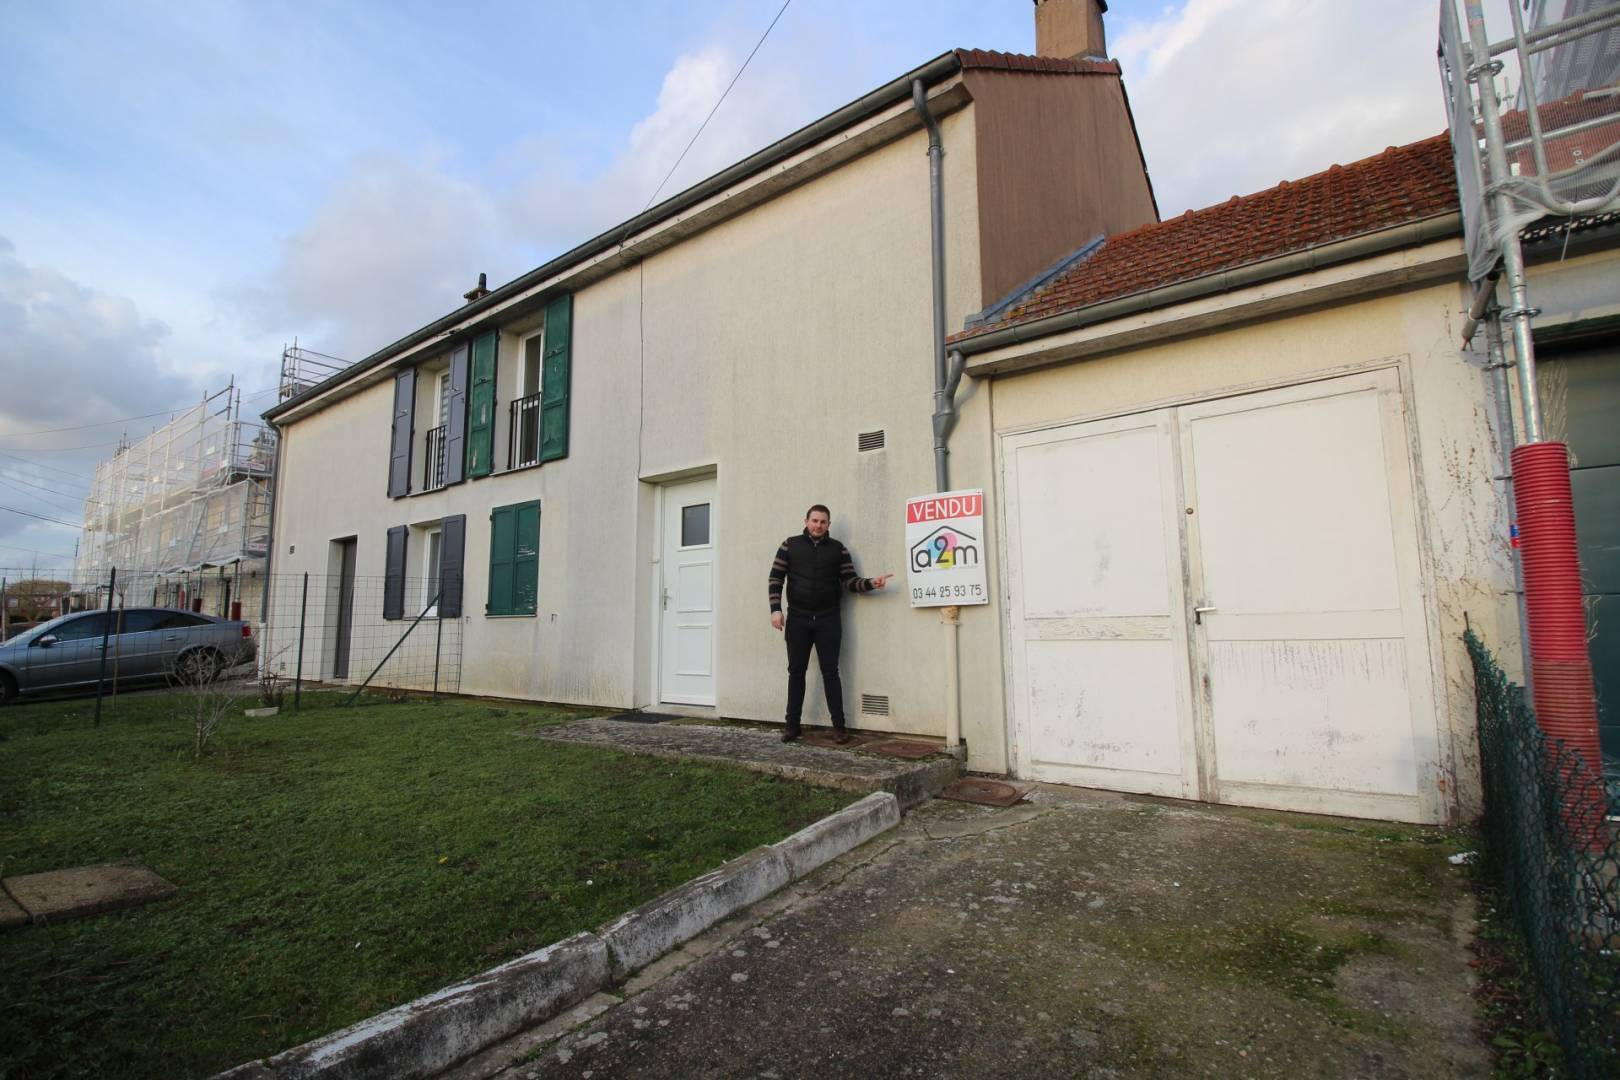 1 18 Balagny-sur-Thérain